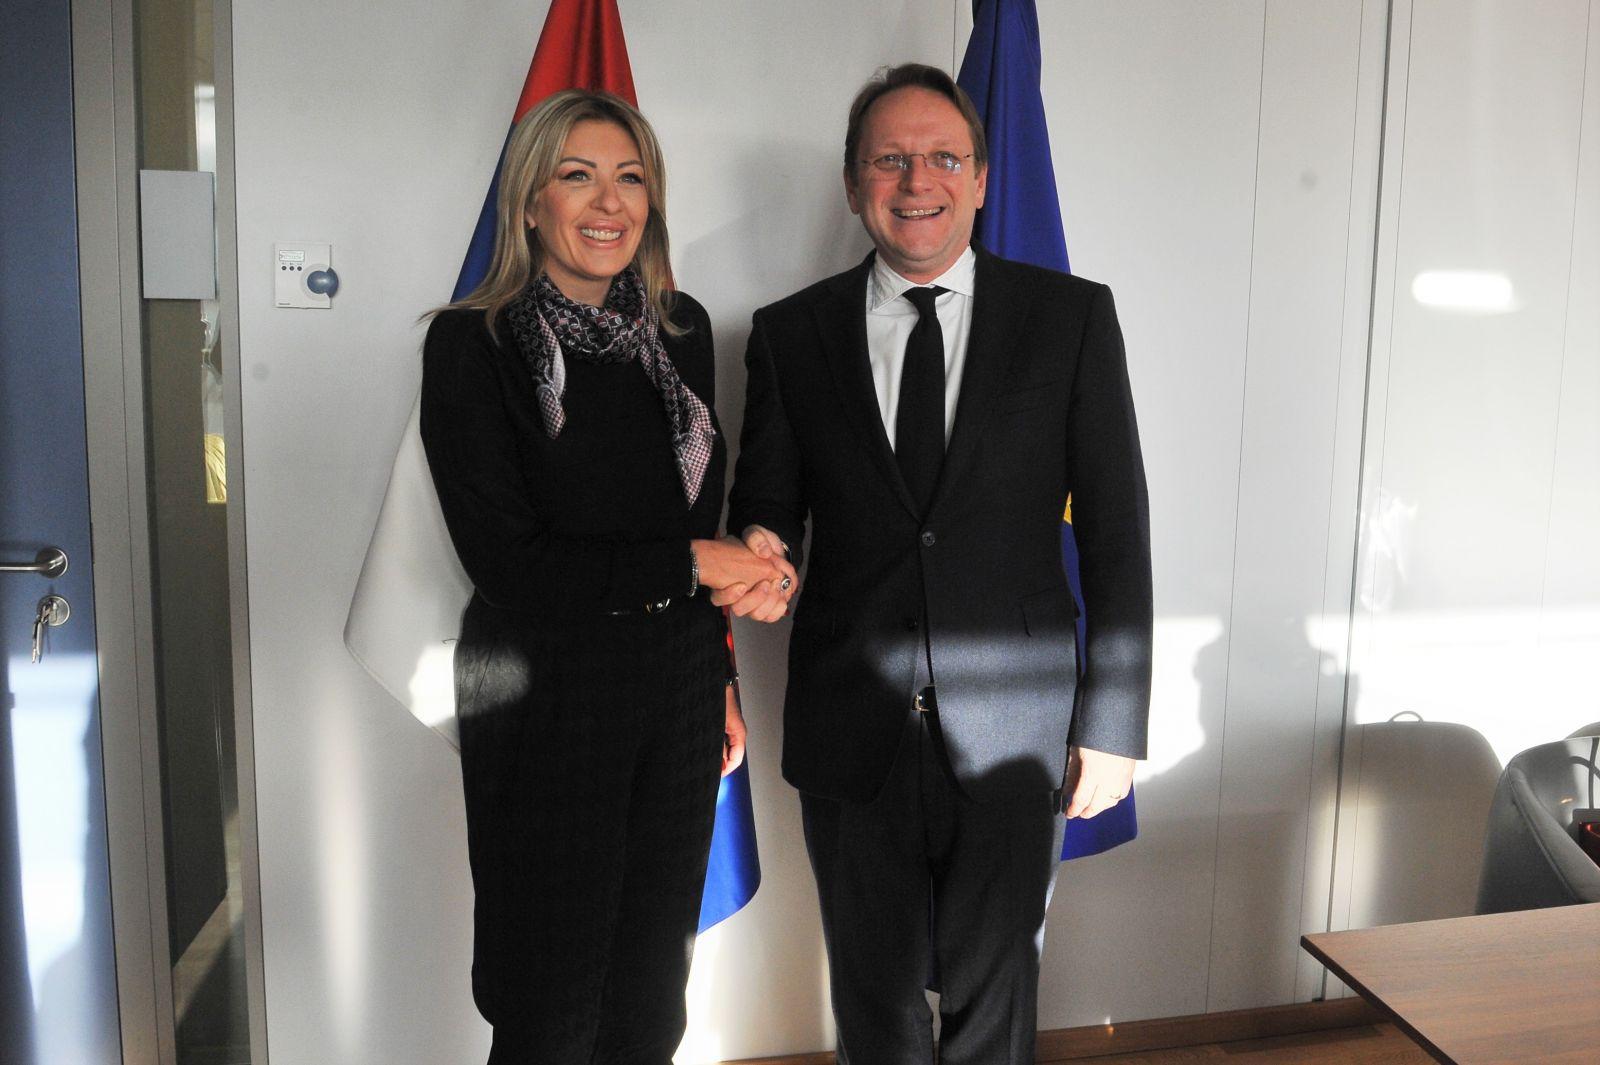 Ј. Јоксимовић и Вархеји: Верујемо да Србија може да буде прва спремна за чланство